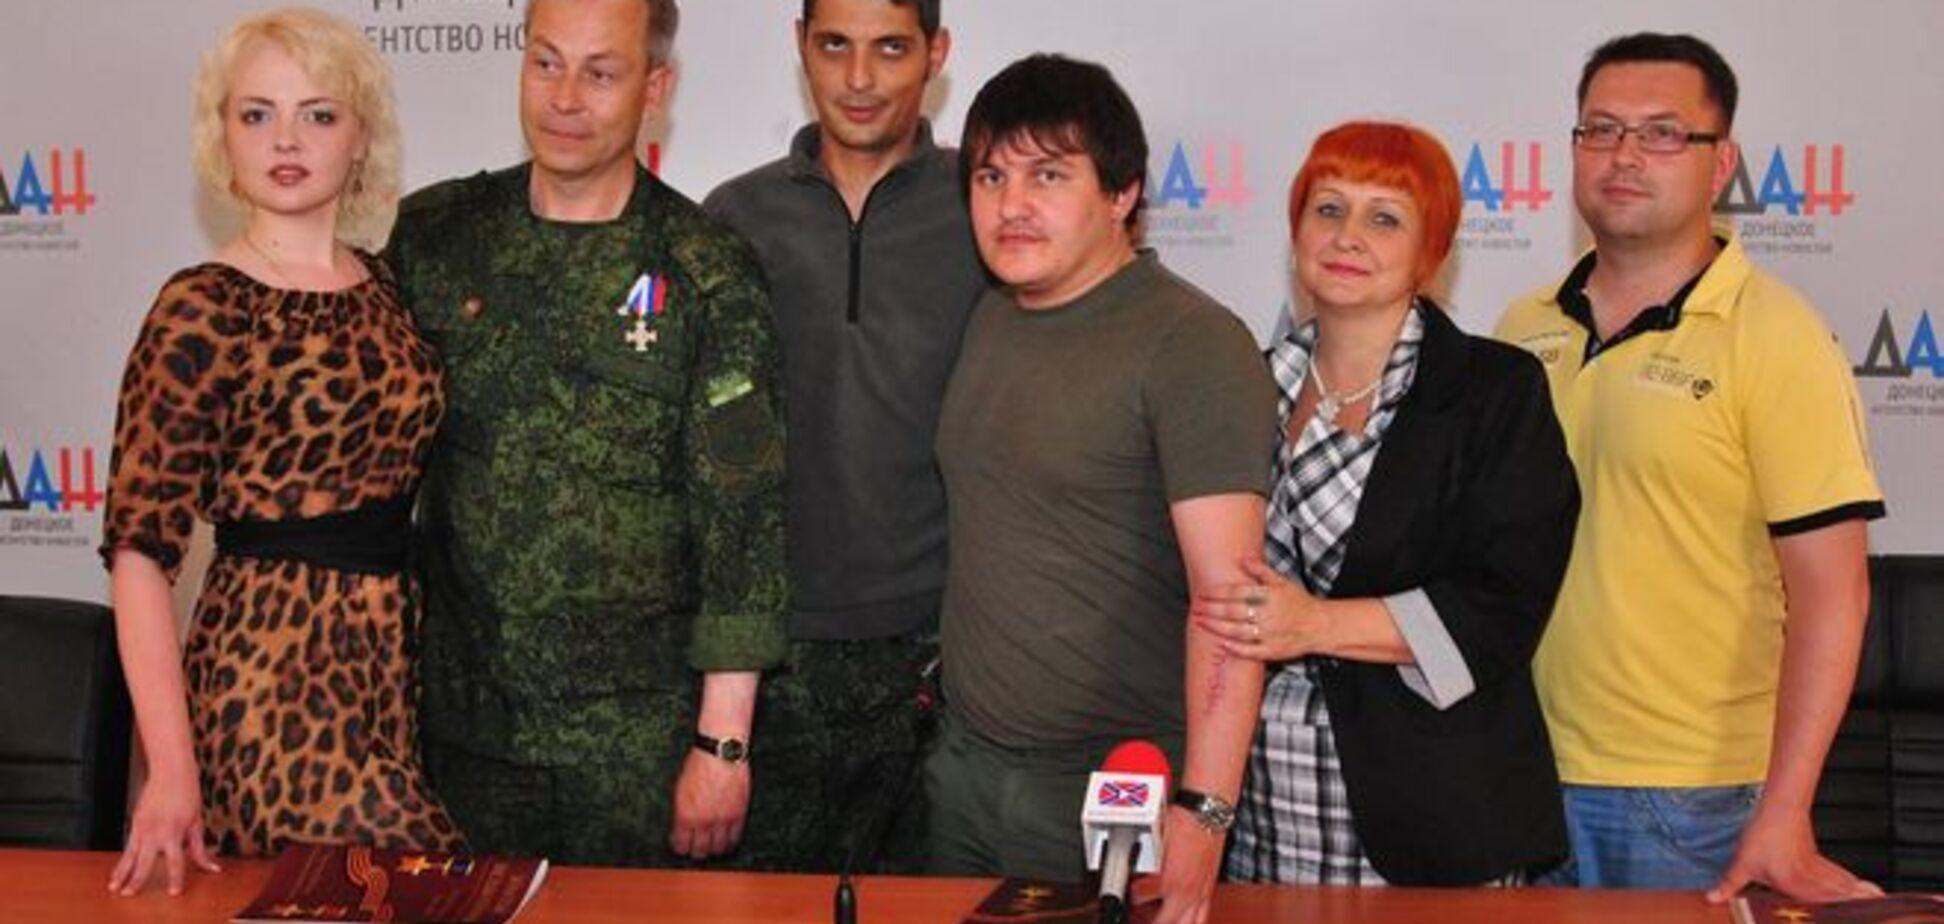 'Героев' надо знать в лицо – в 'ДНР' презентовали  журнал о 'полководцах республики'